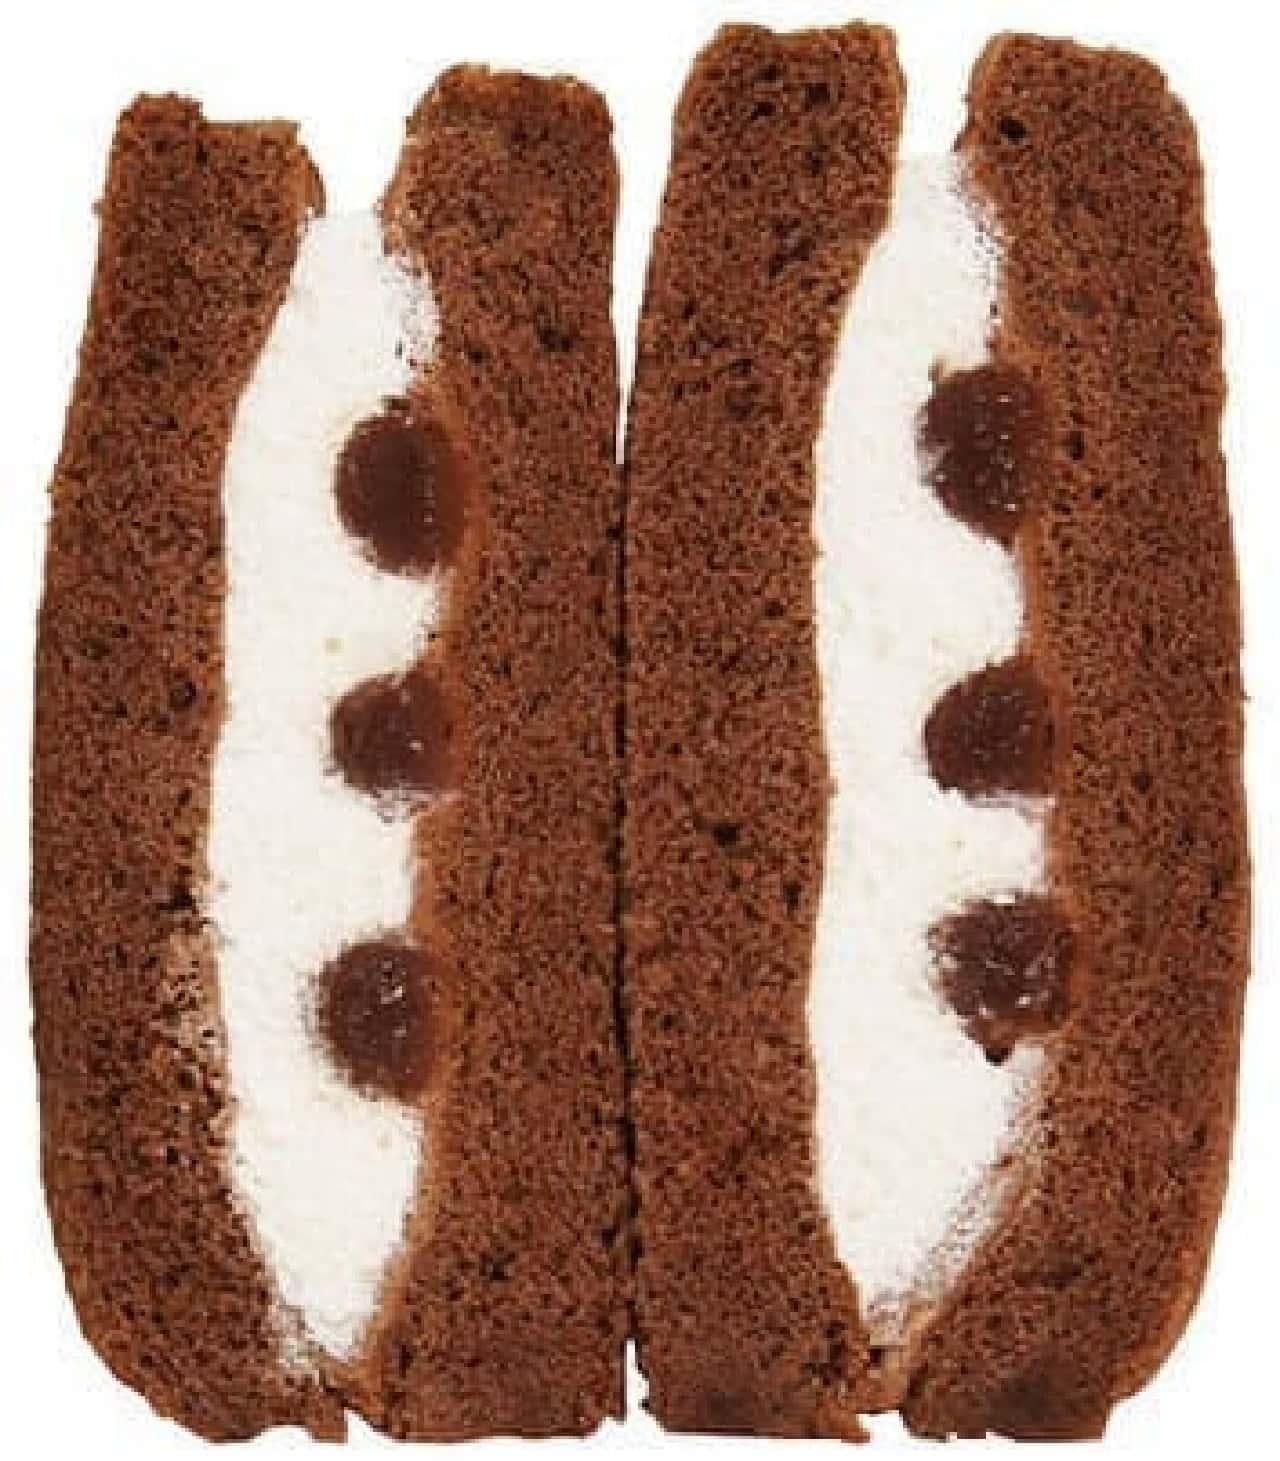 ファミリーマート「生チョコのケーキサンド」